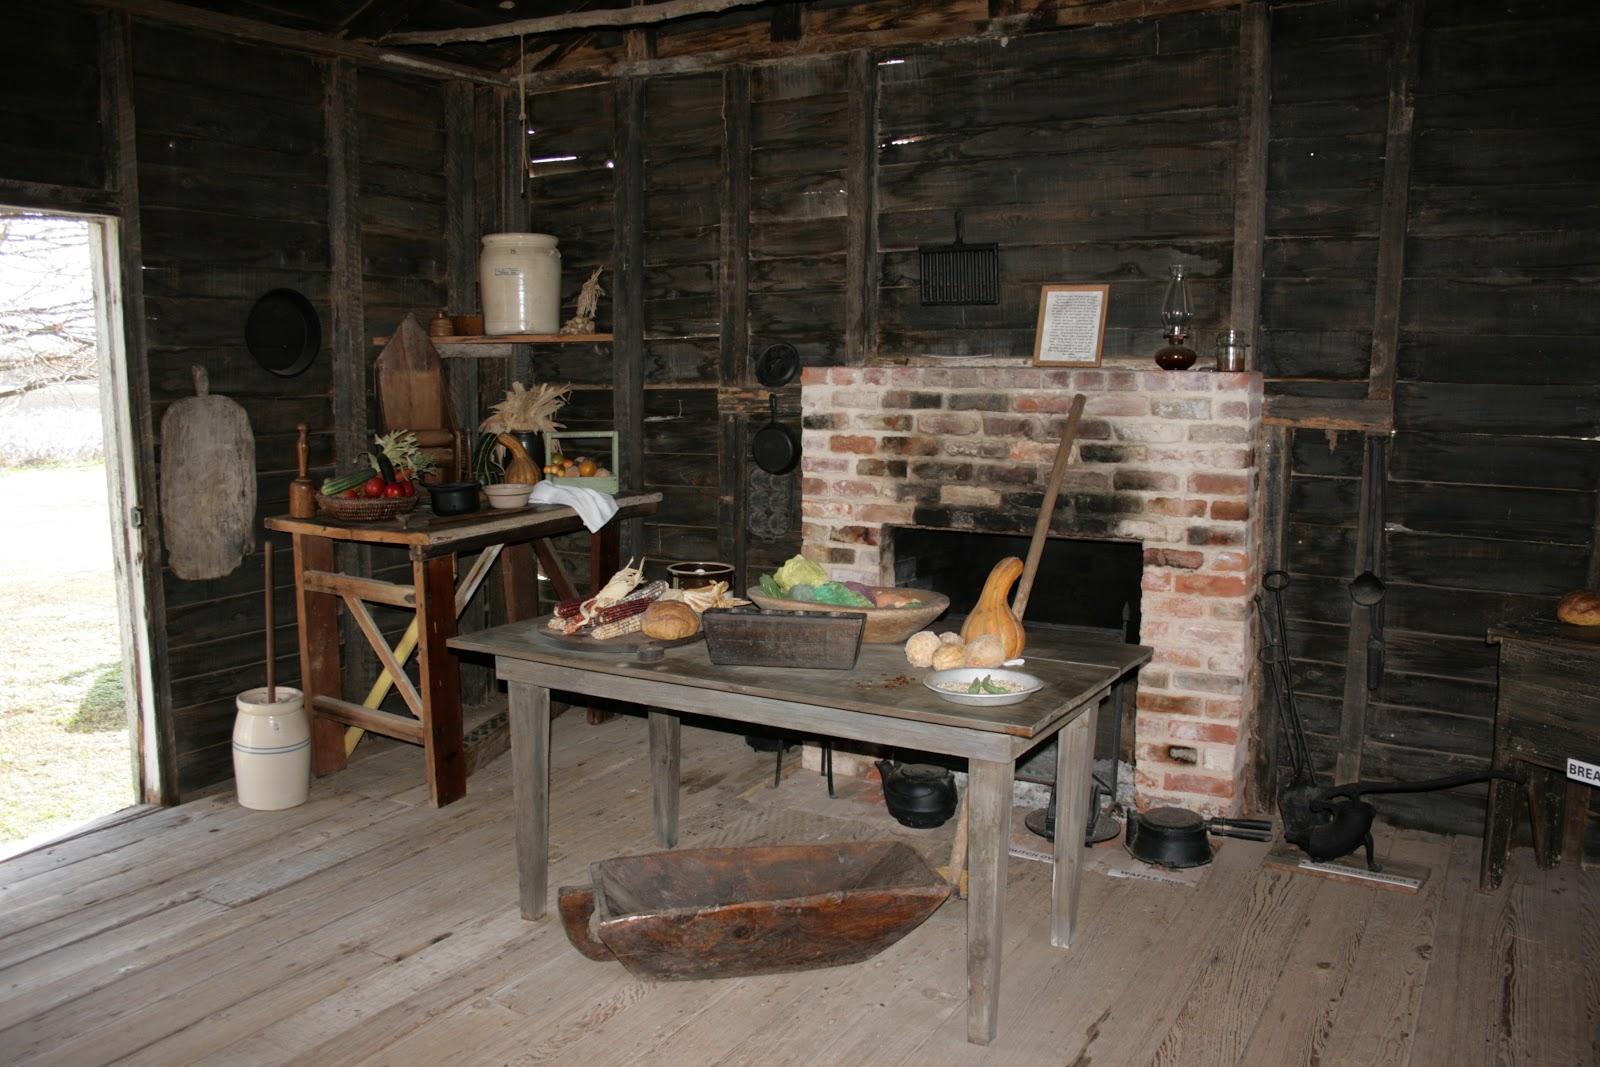 Offene feuerstelle wohnzimmer beliebte offene feuerstelle wohnzimmer wohnzimmer ideen - Offene feuerstelle wohnzimmer ...